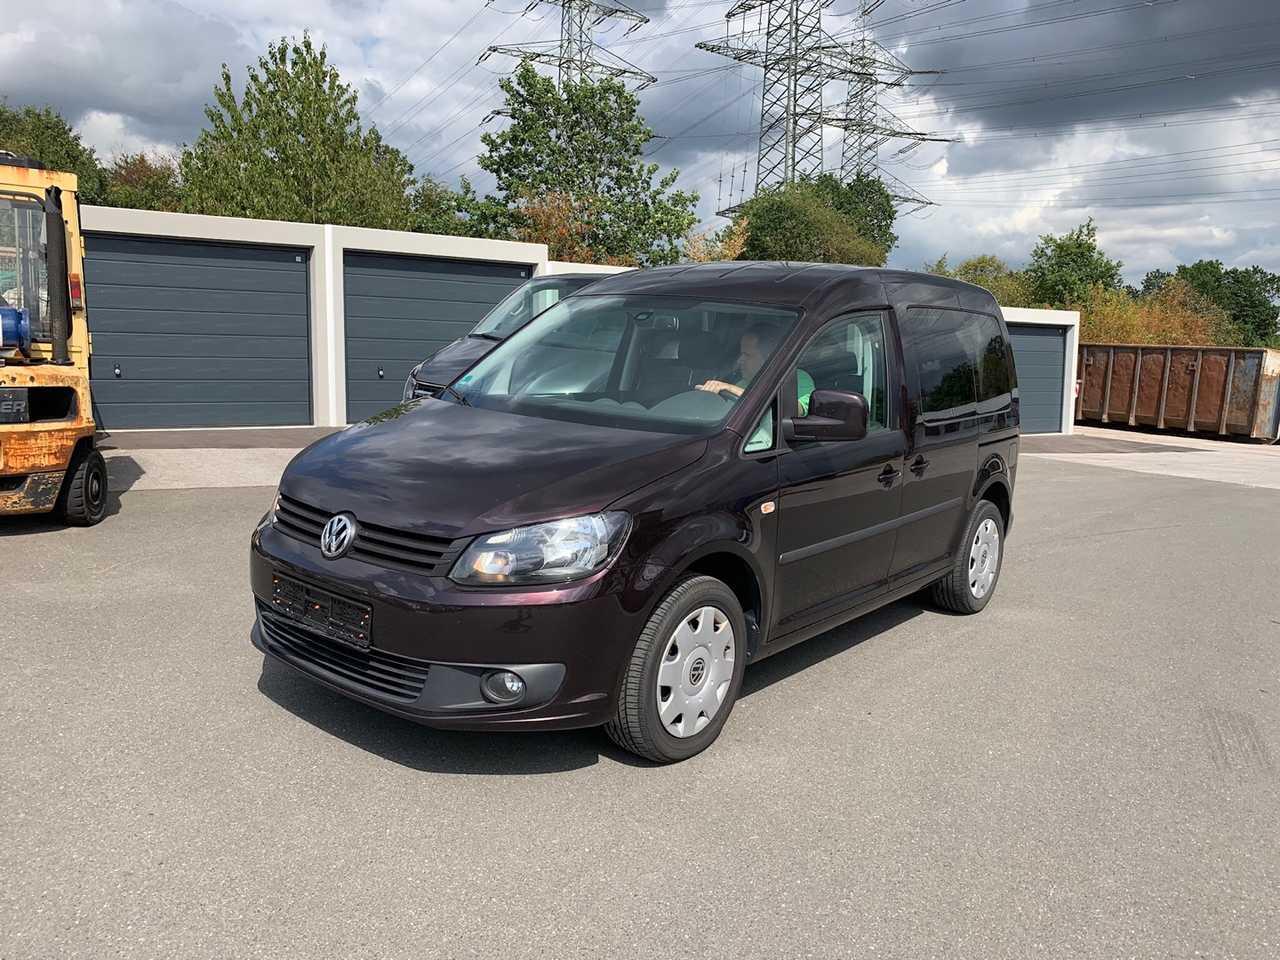 Volkswagen Caddy 2.0TDI Comfortline 140cv   - Foto 1